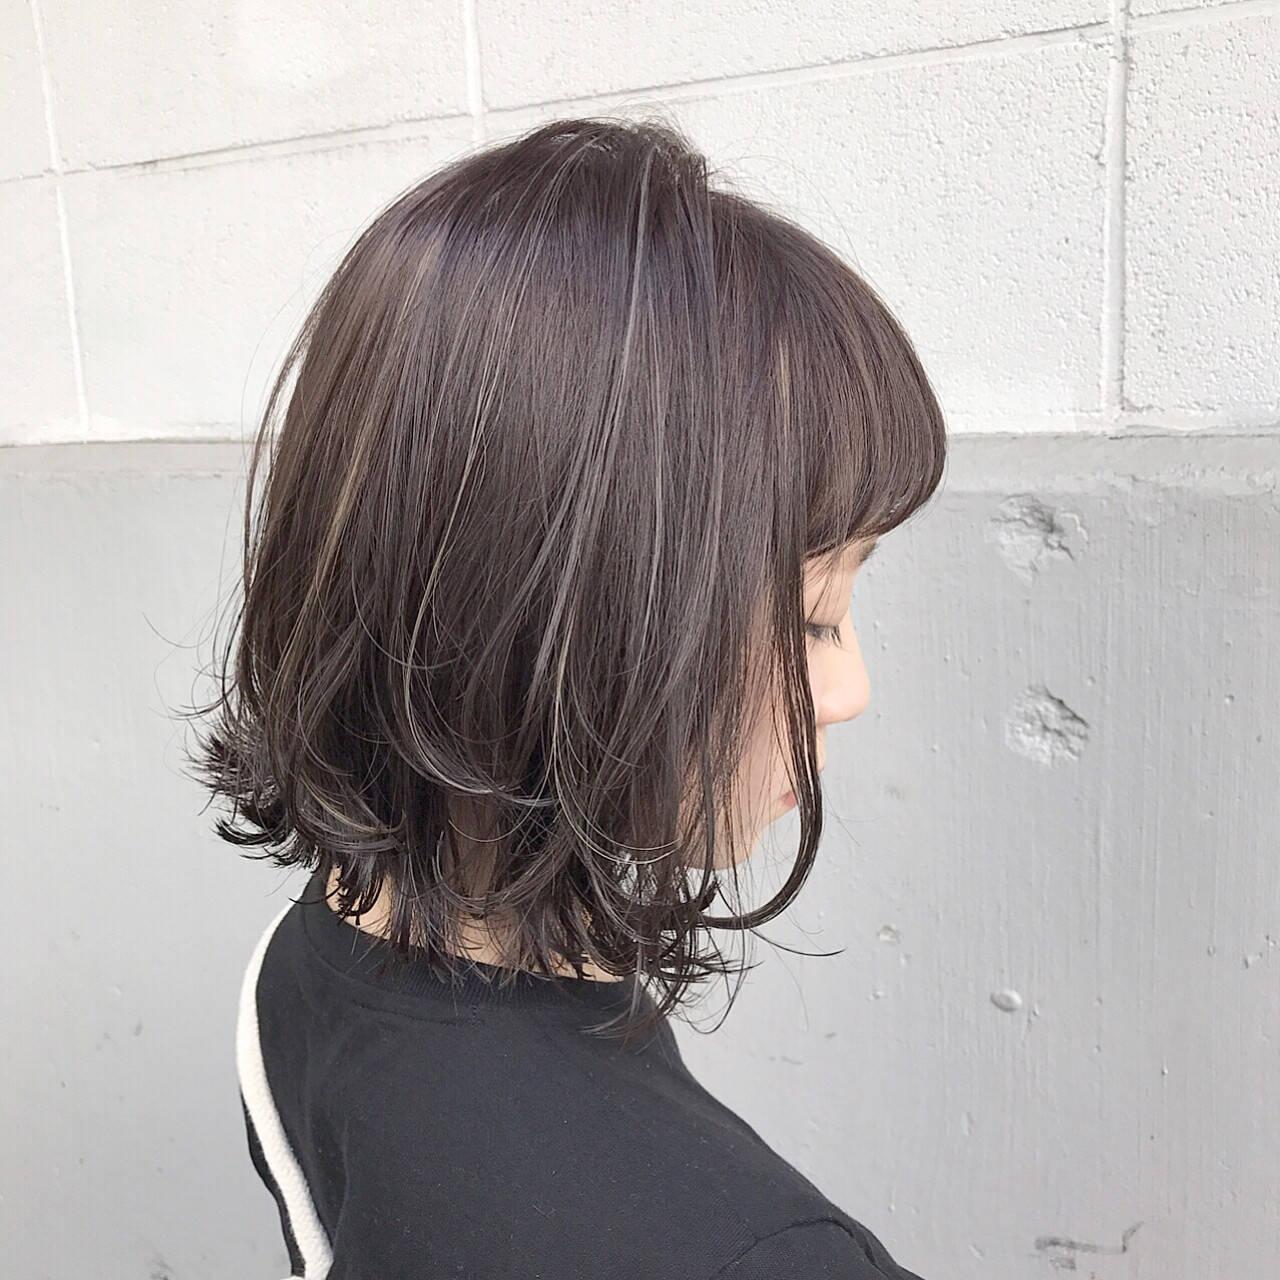 アッシュ 透明感 ボブ モードヘアスタイルや髪型の写真・画像